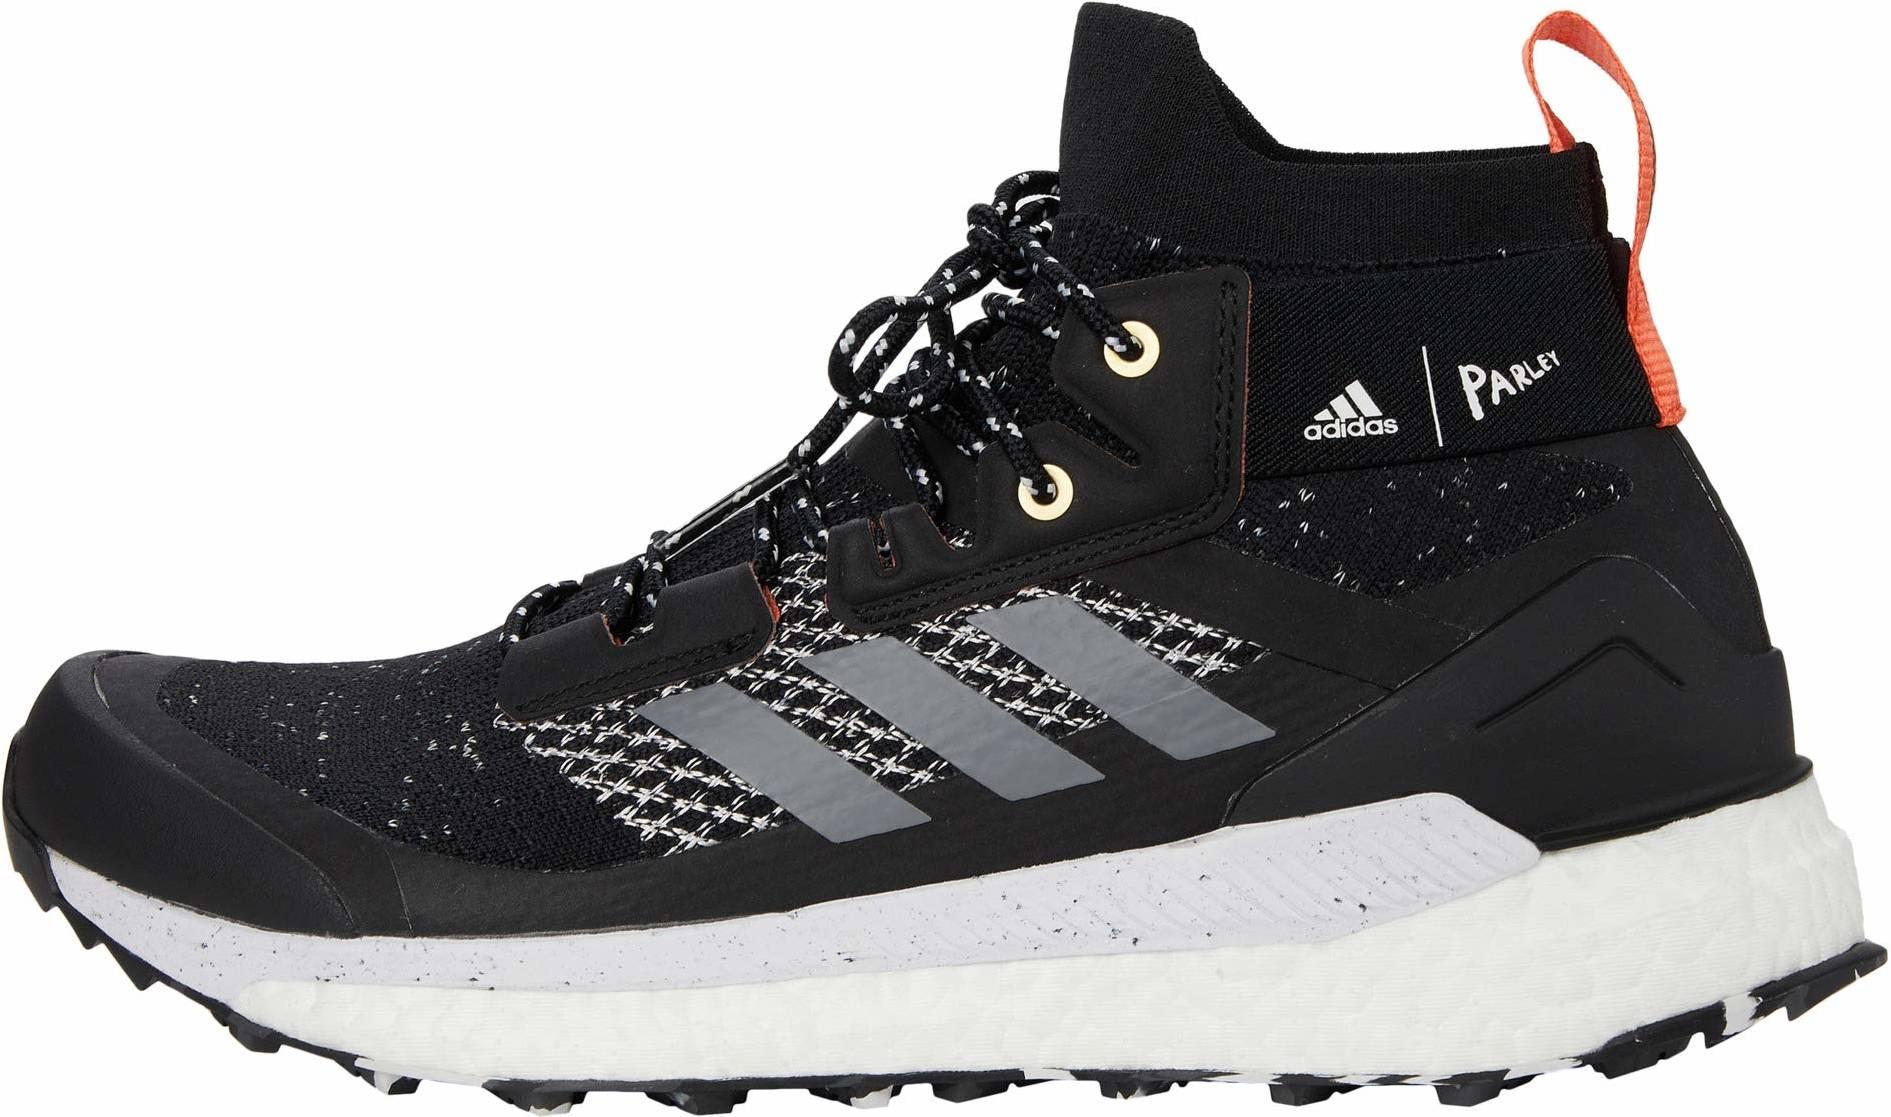 20 Adidas hiking shoes - Save 25% | RunRepeat